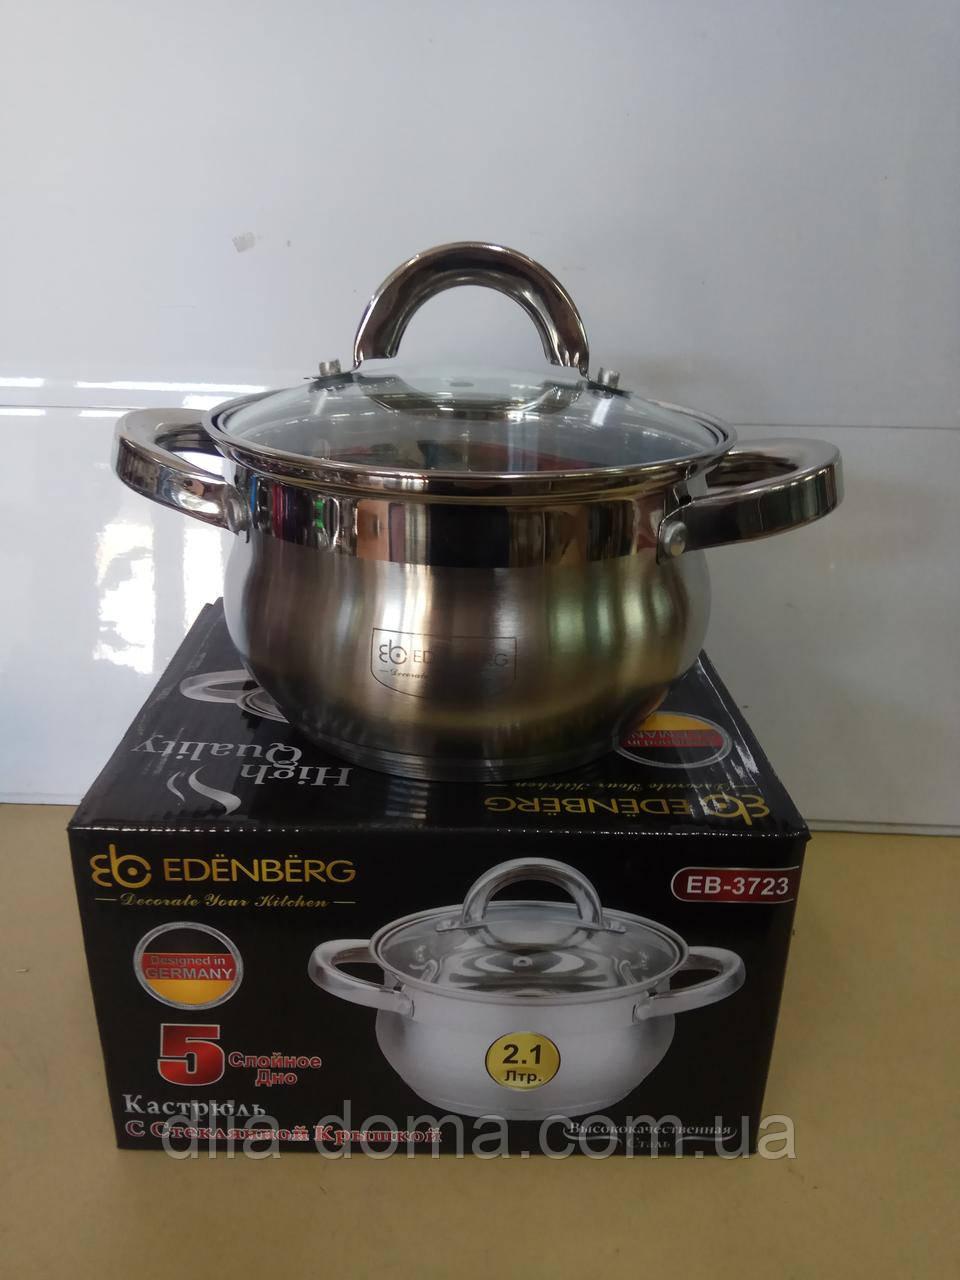 Кастрюля 2.1 литр ЕВ-3723